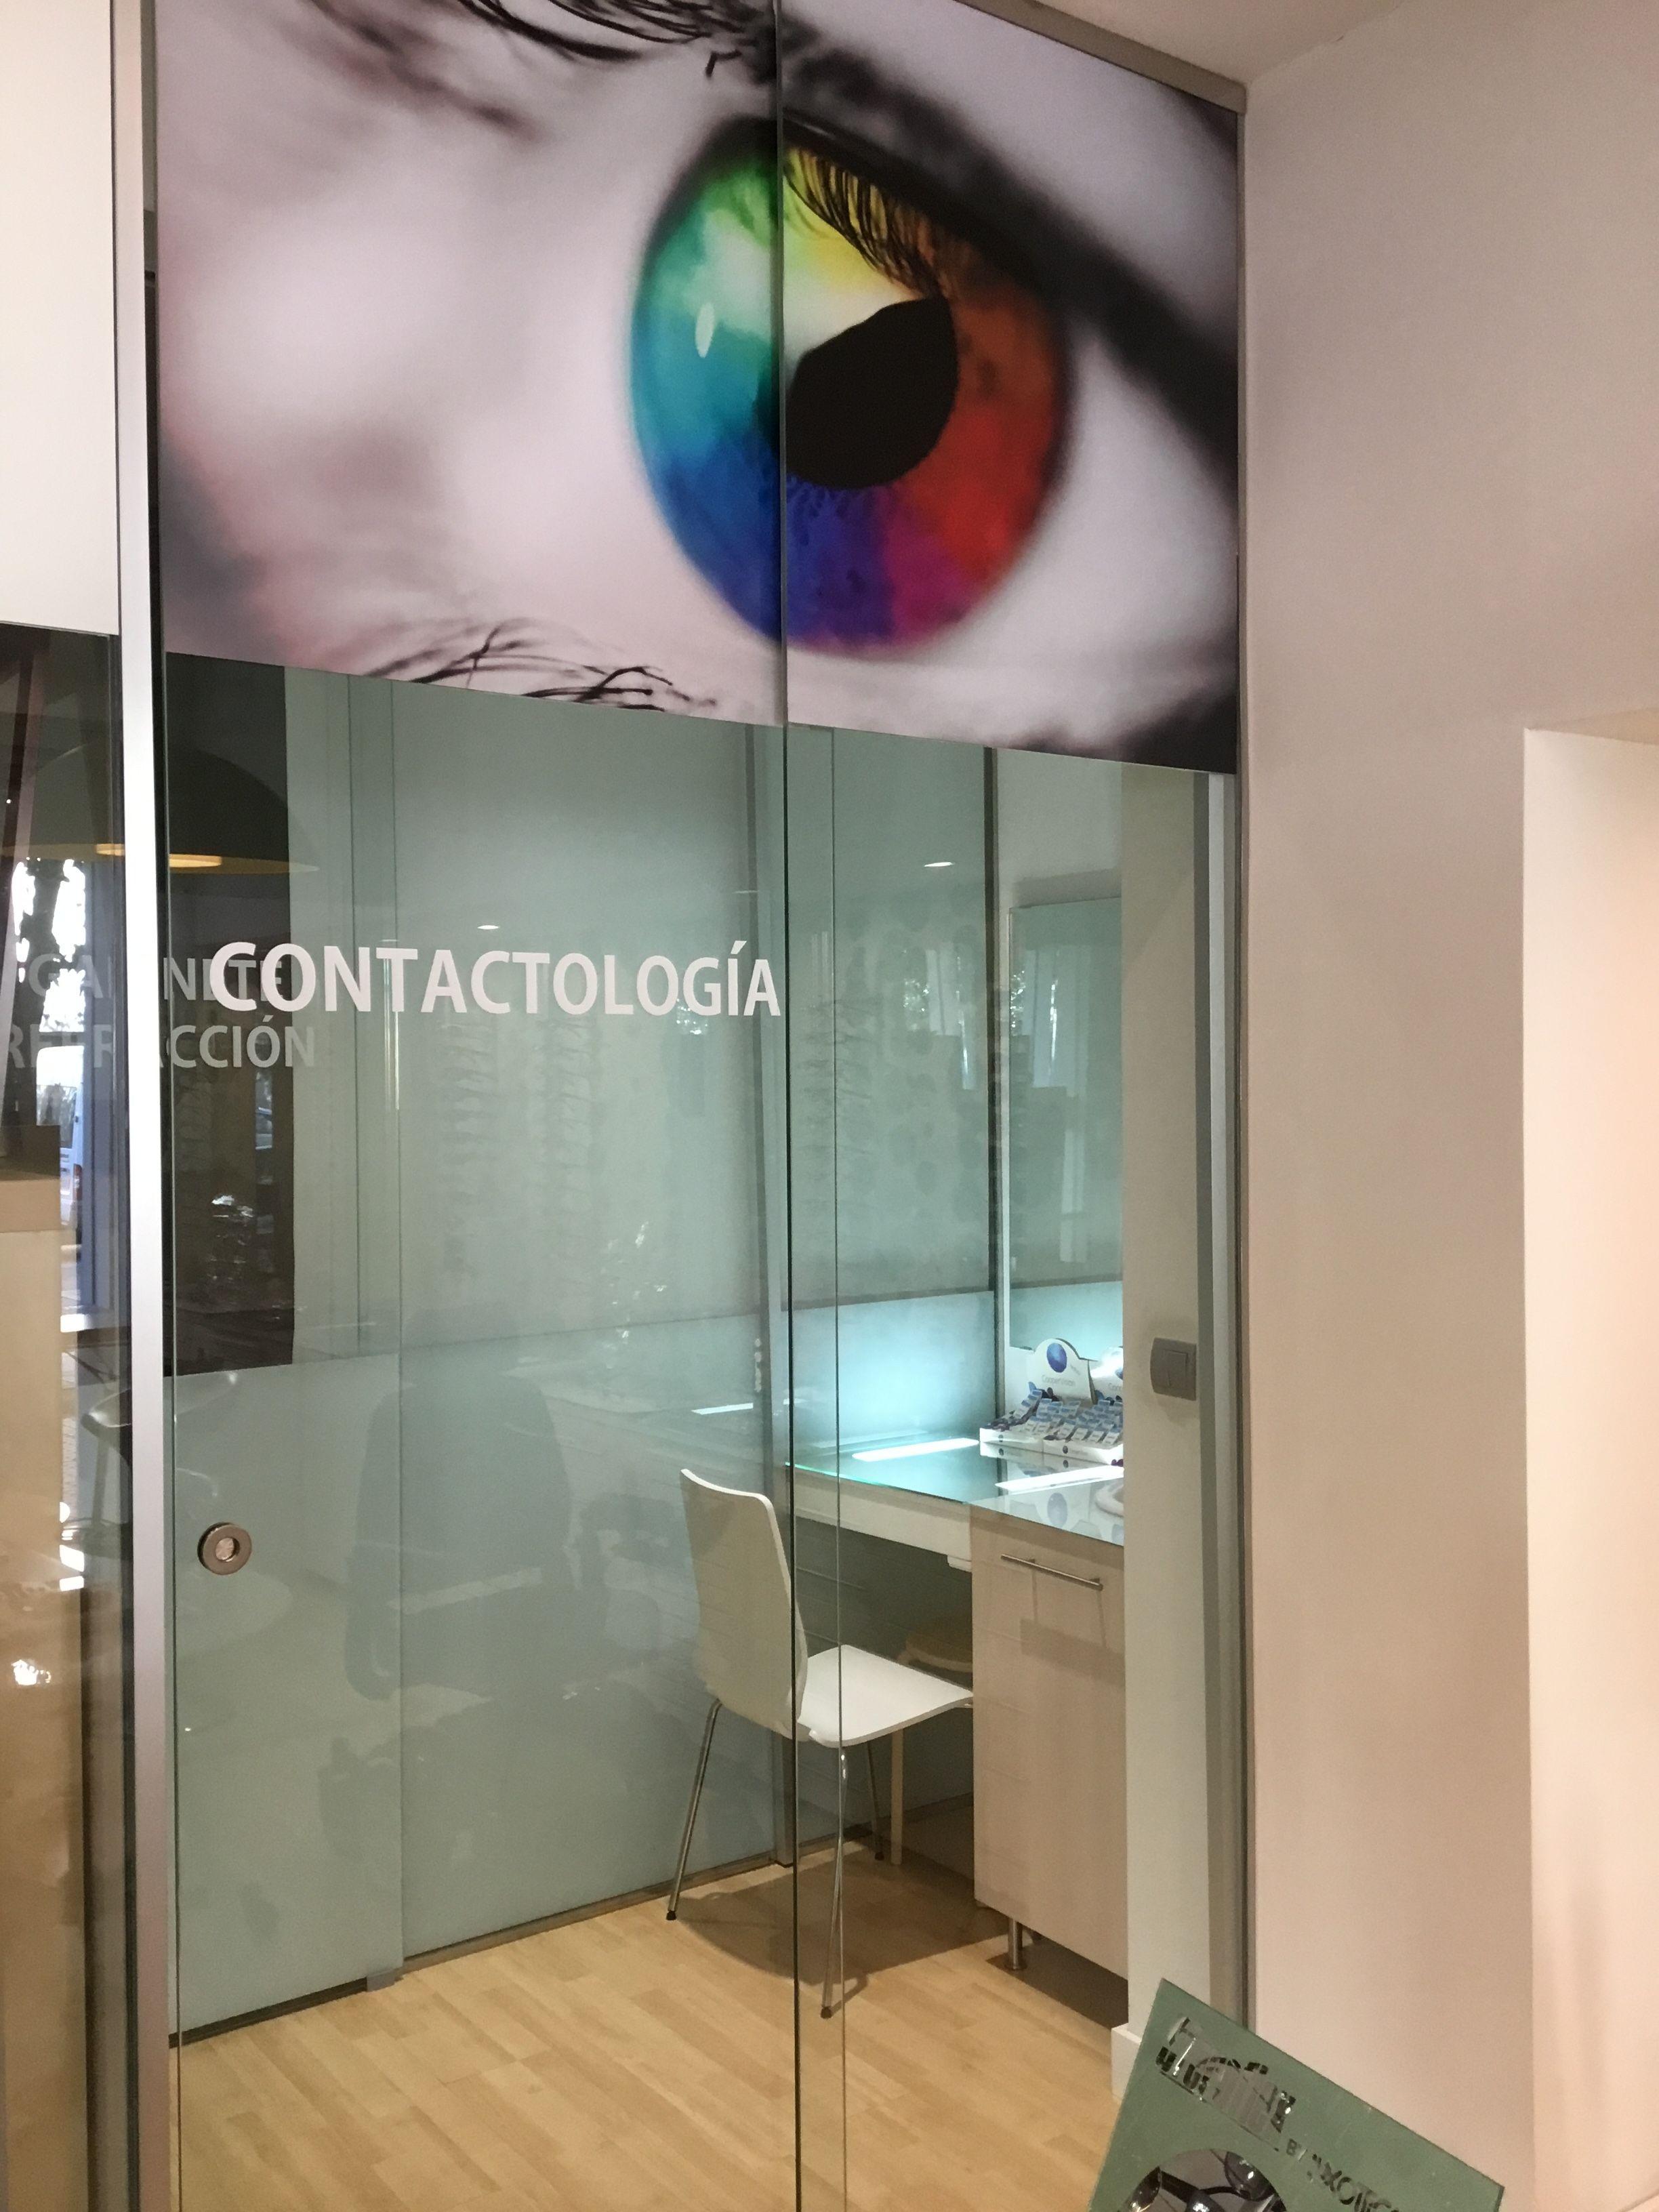 Farmacia con contactología en Sevilla